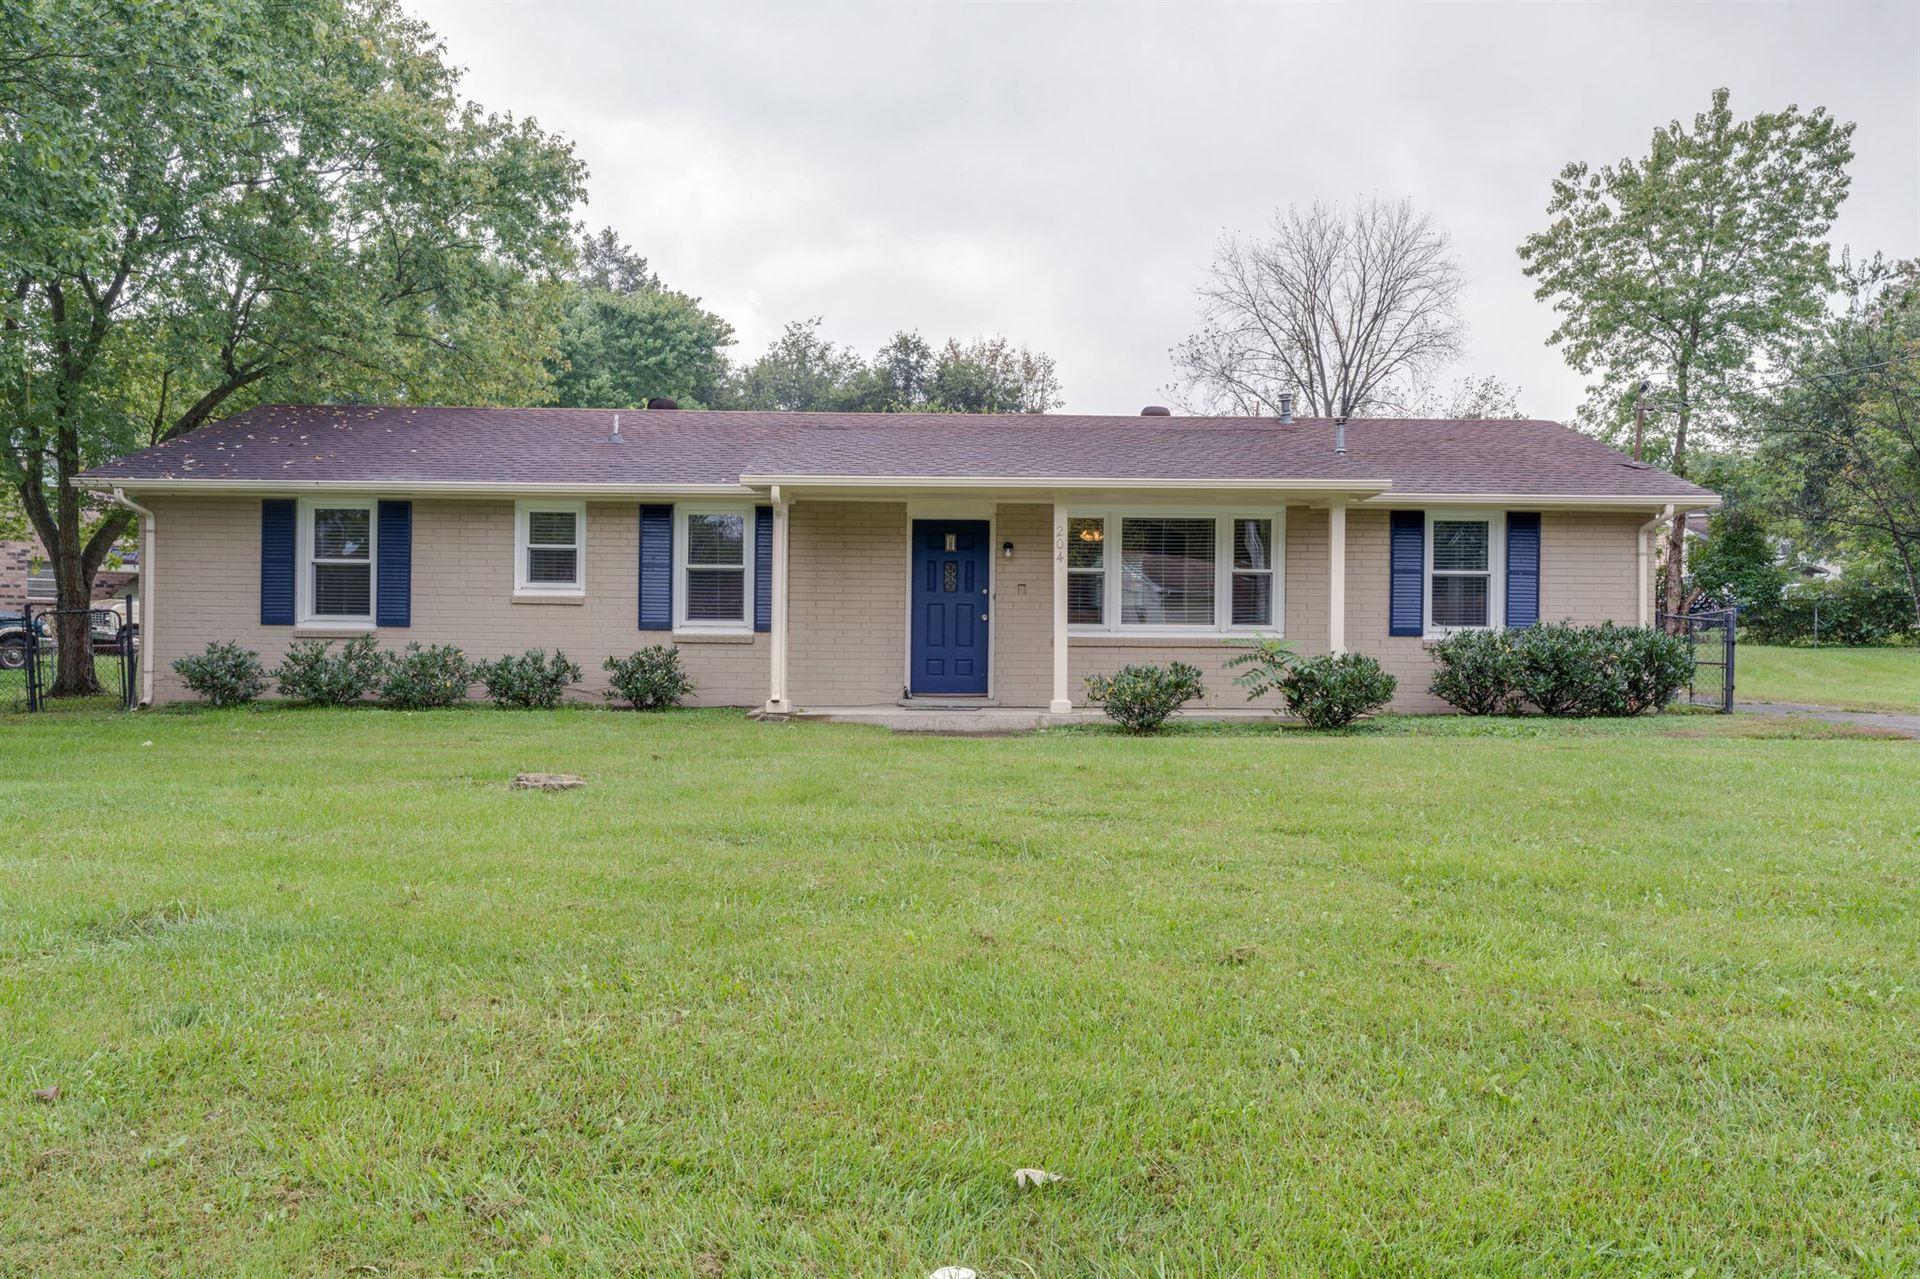 204 Evergreen Cir, Hendersonville, TN 37075 - MLS#: 2301748